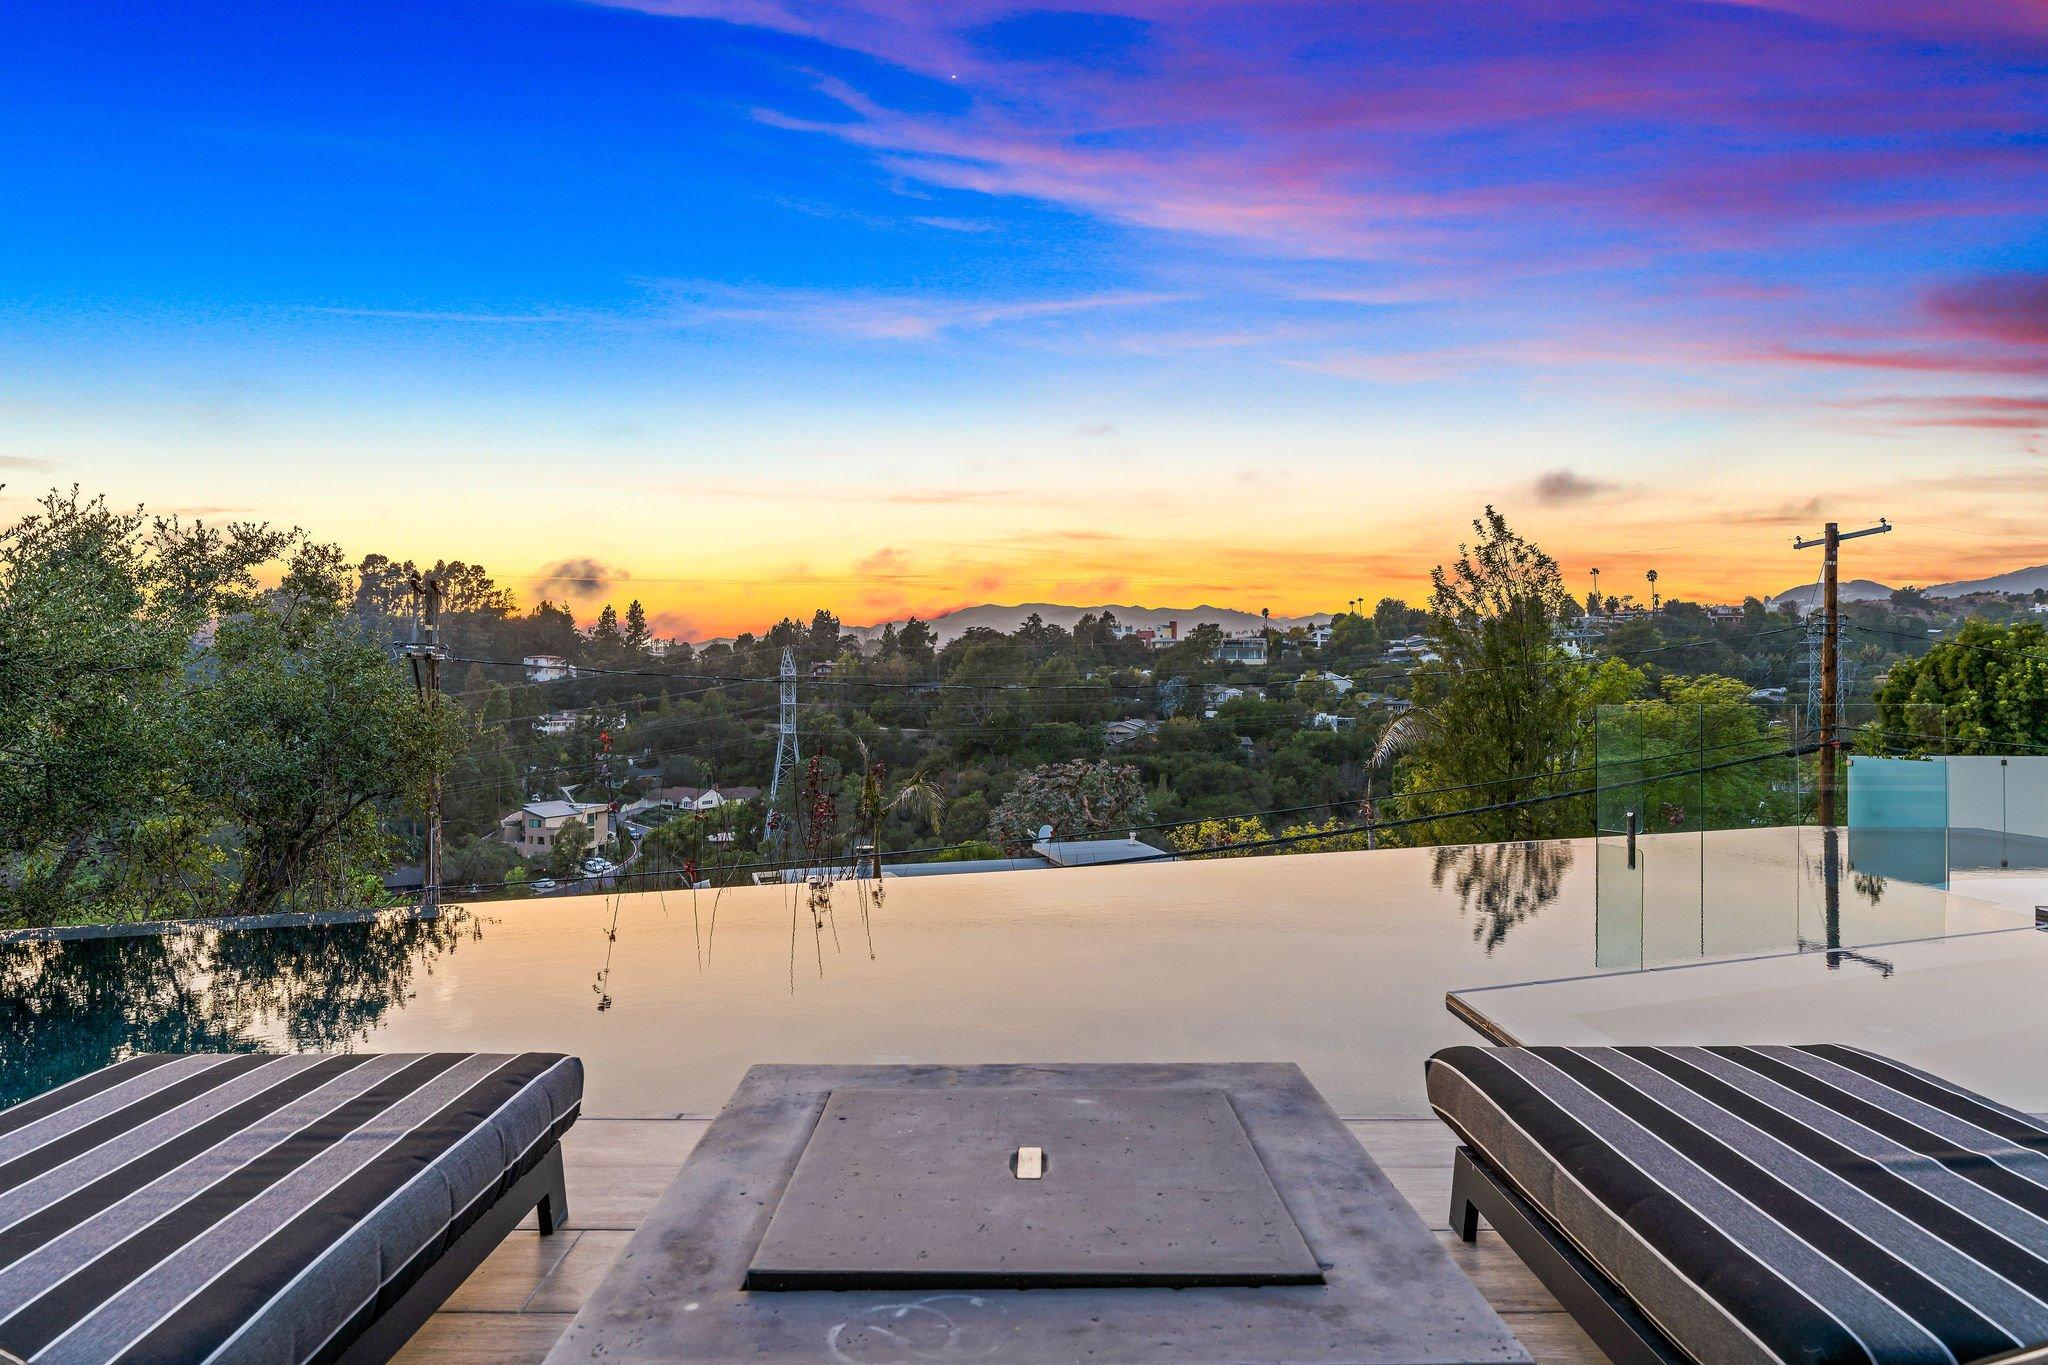 701 Rochedale Way, Los Angeles, CA 90049 - BJORN FARRUGIA